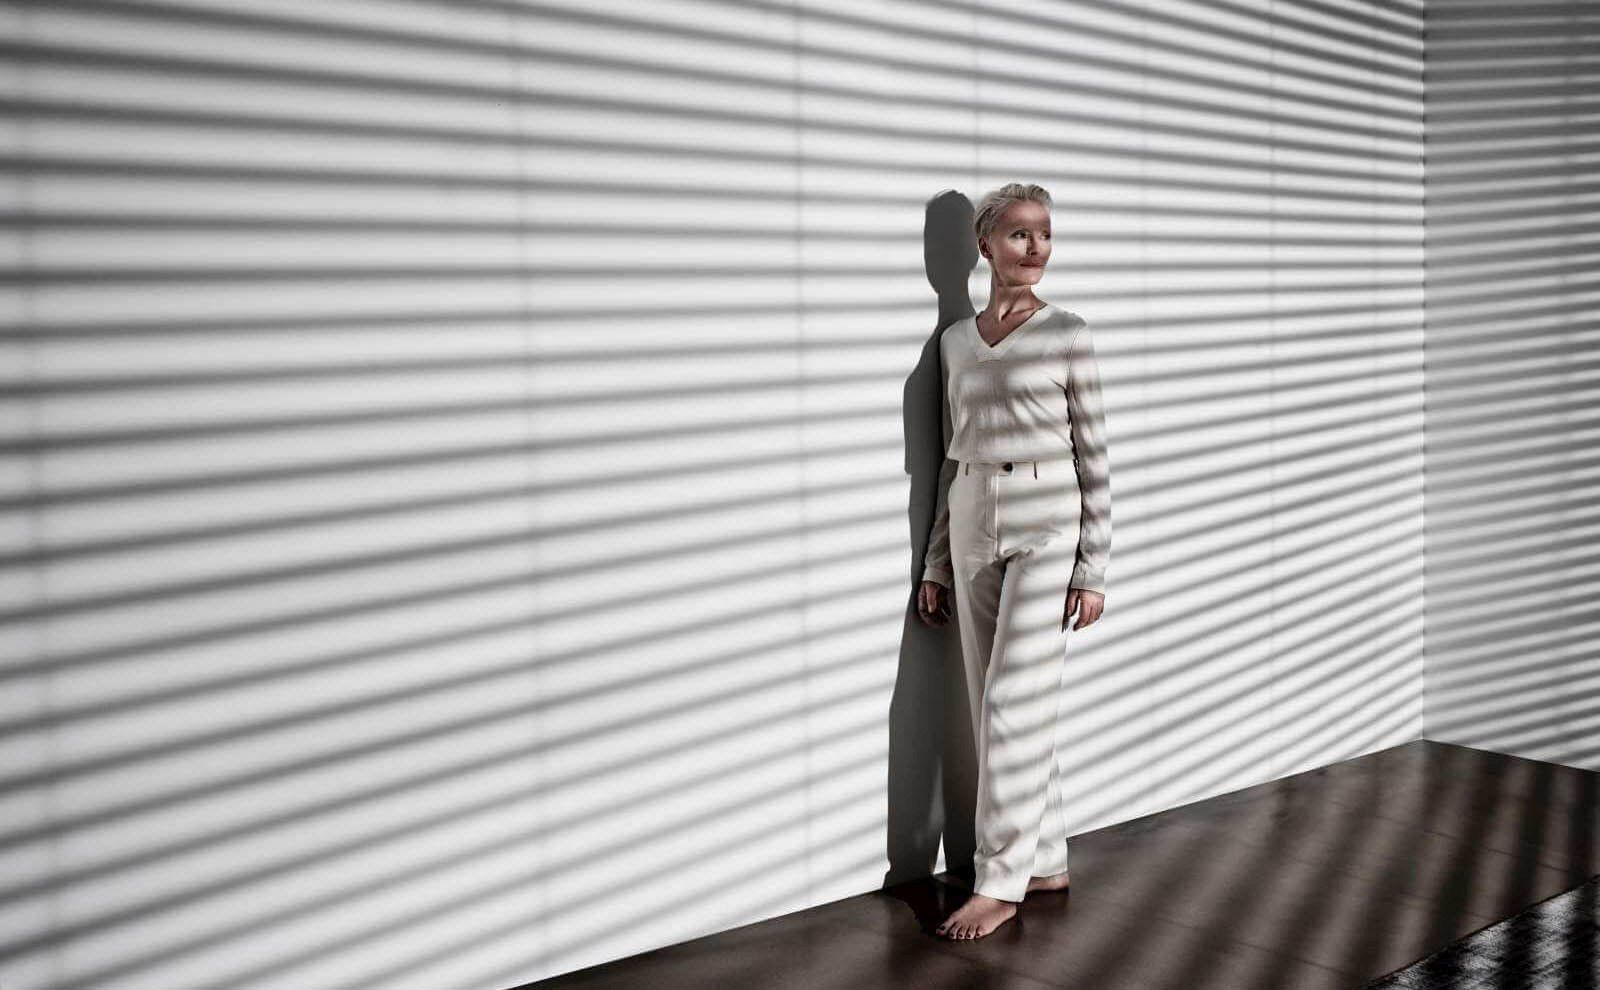 Frau im Zimmer mit Schatten von Jalousie